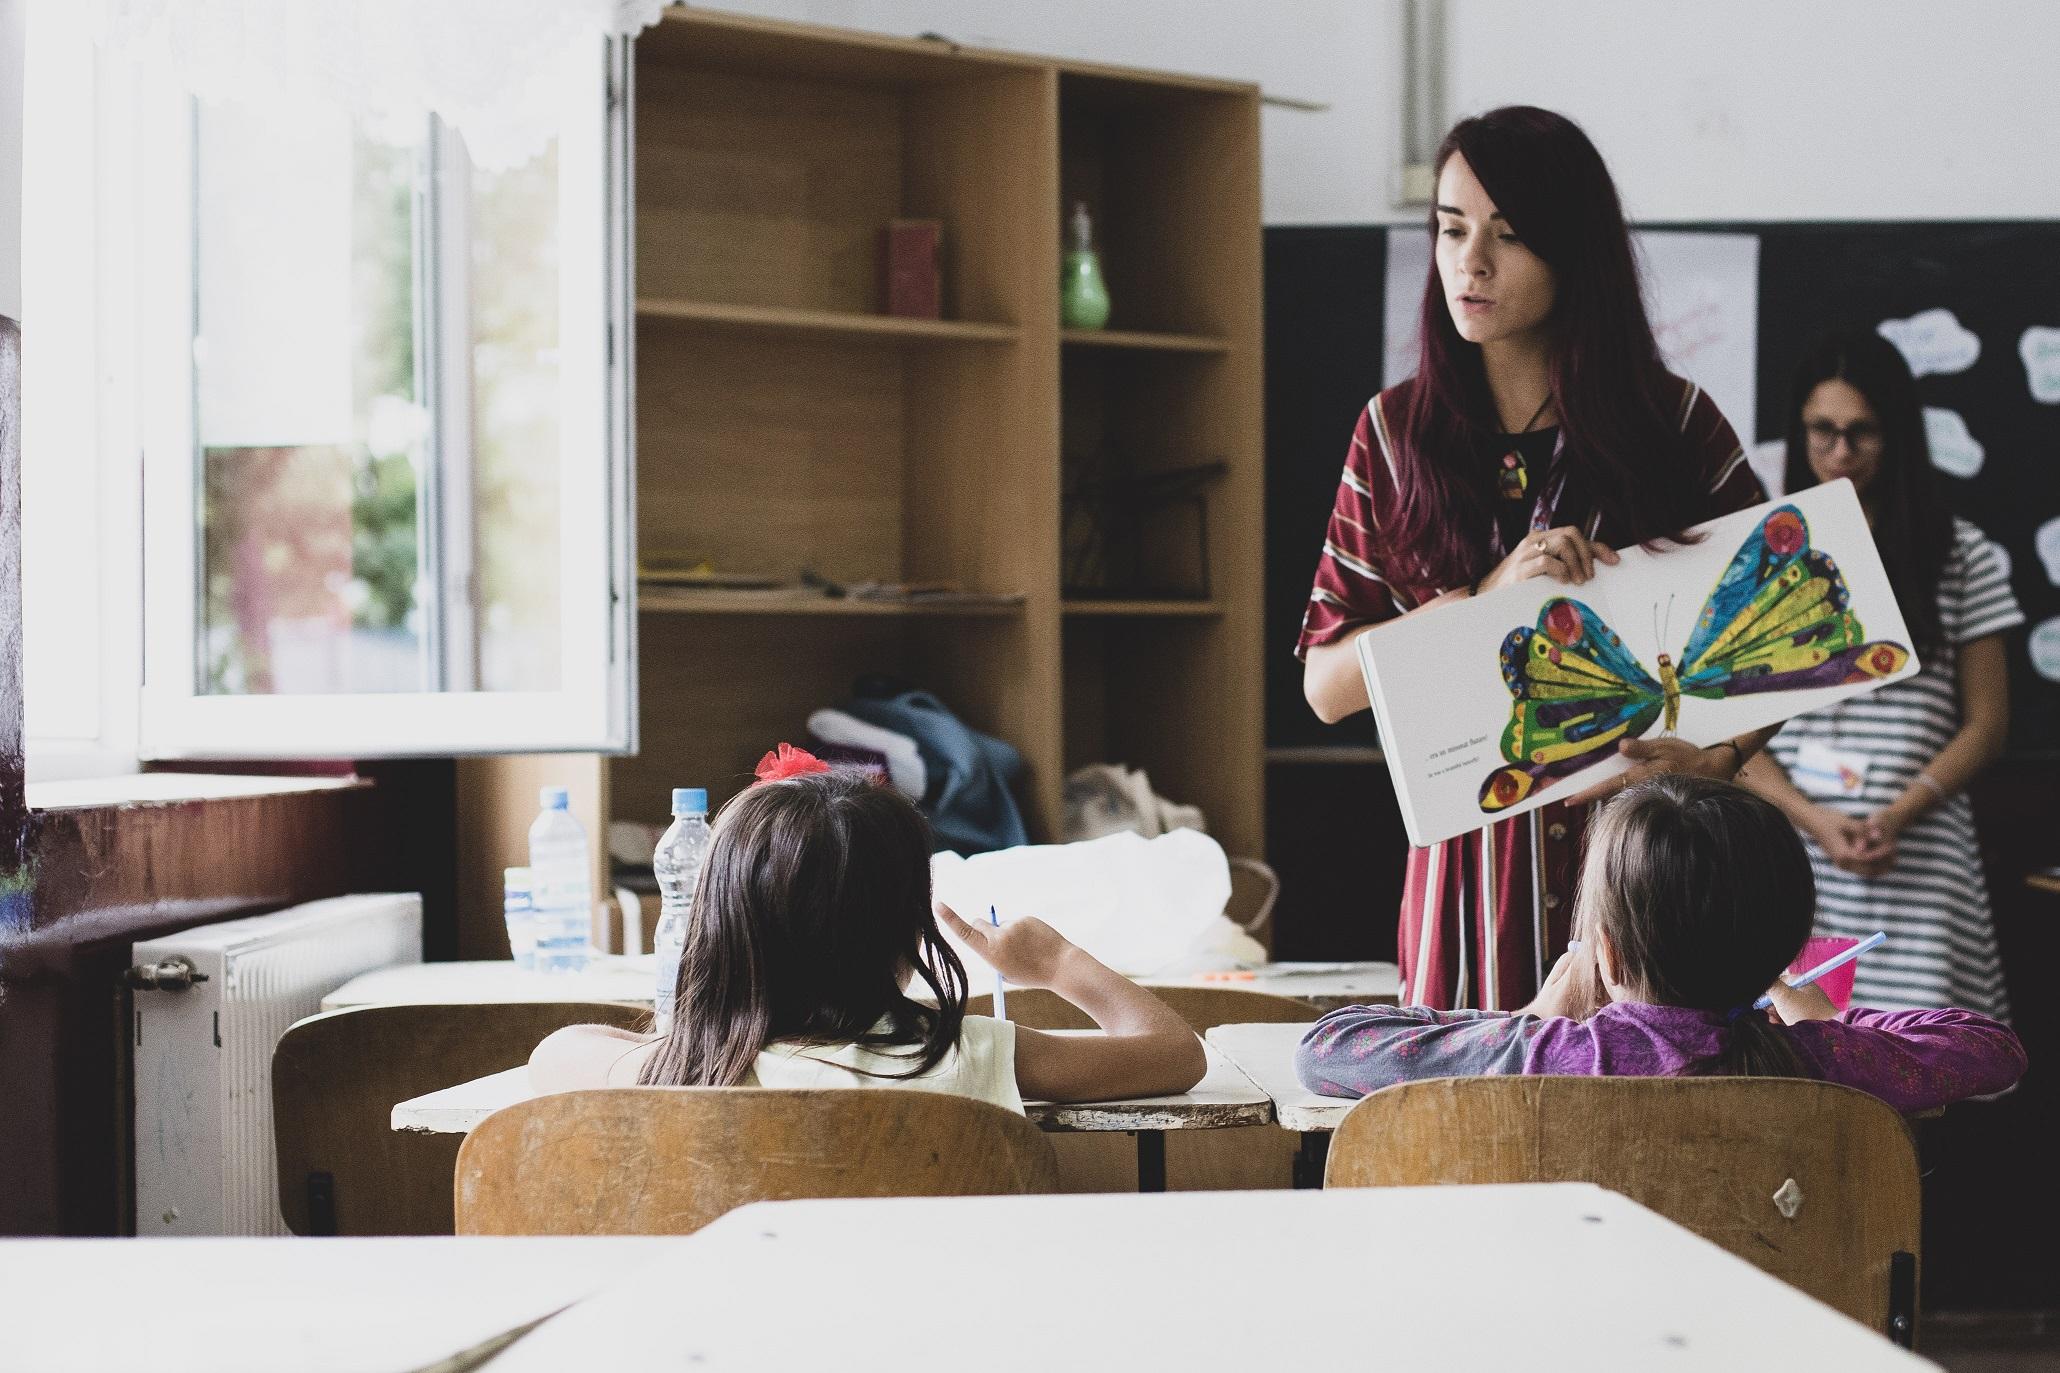 350 de copii din medii vulnerabile au È™ansa la educaÈ›ie de calitate